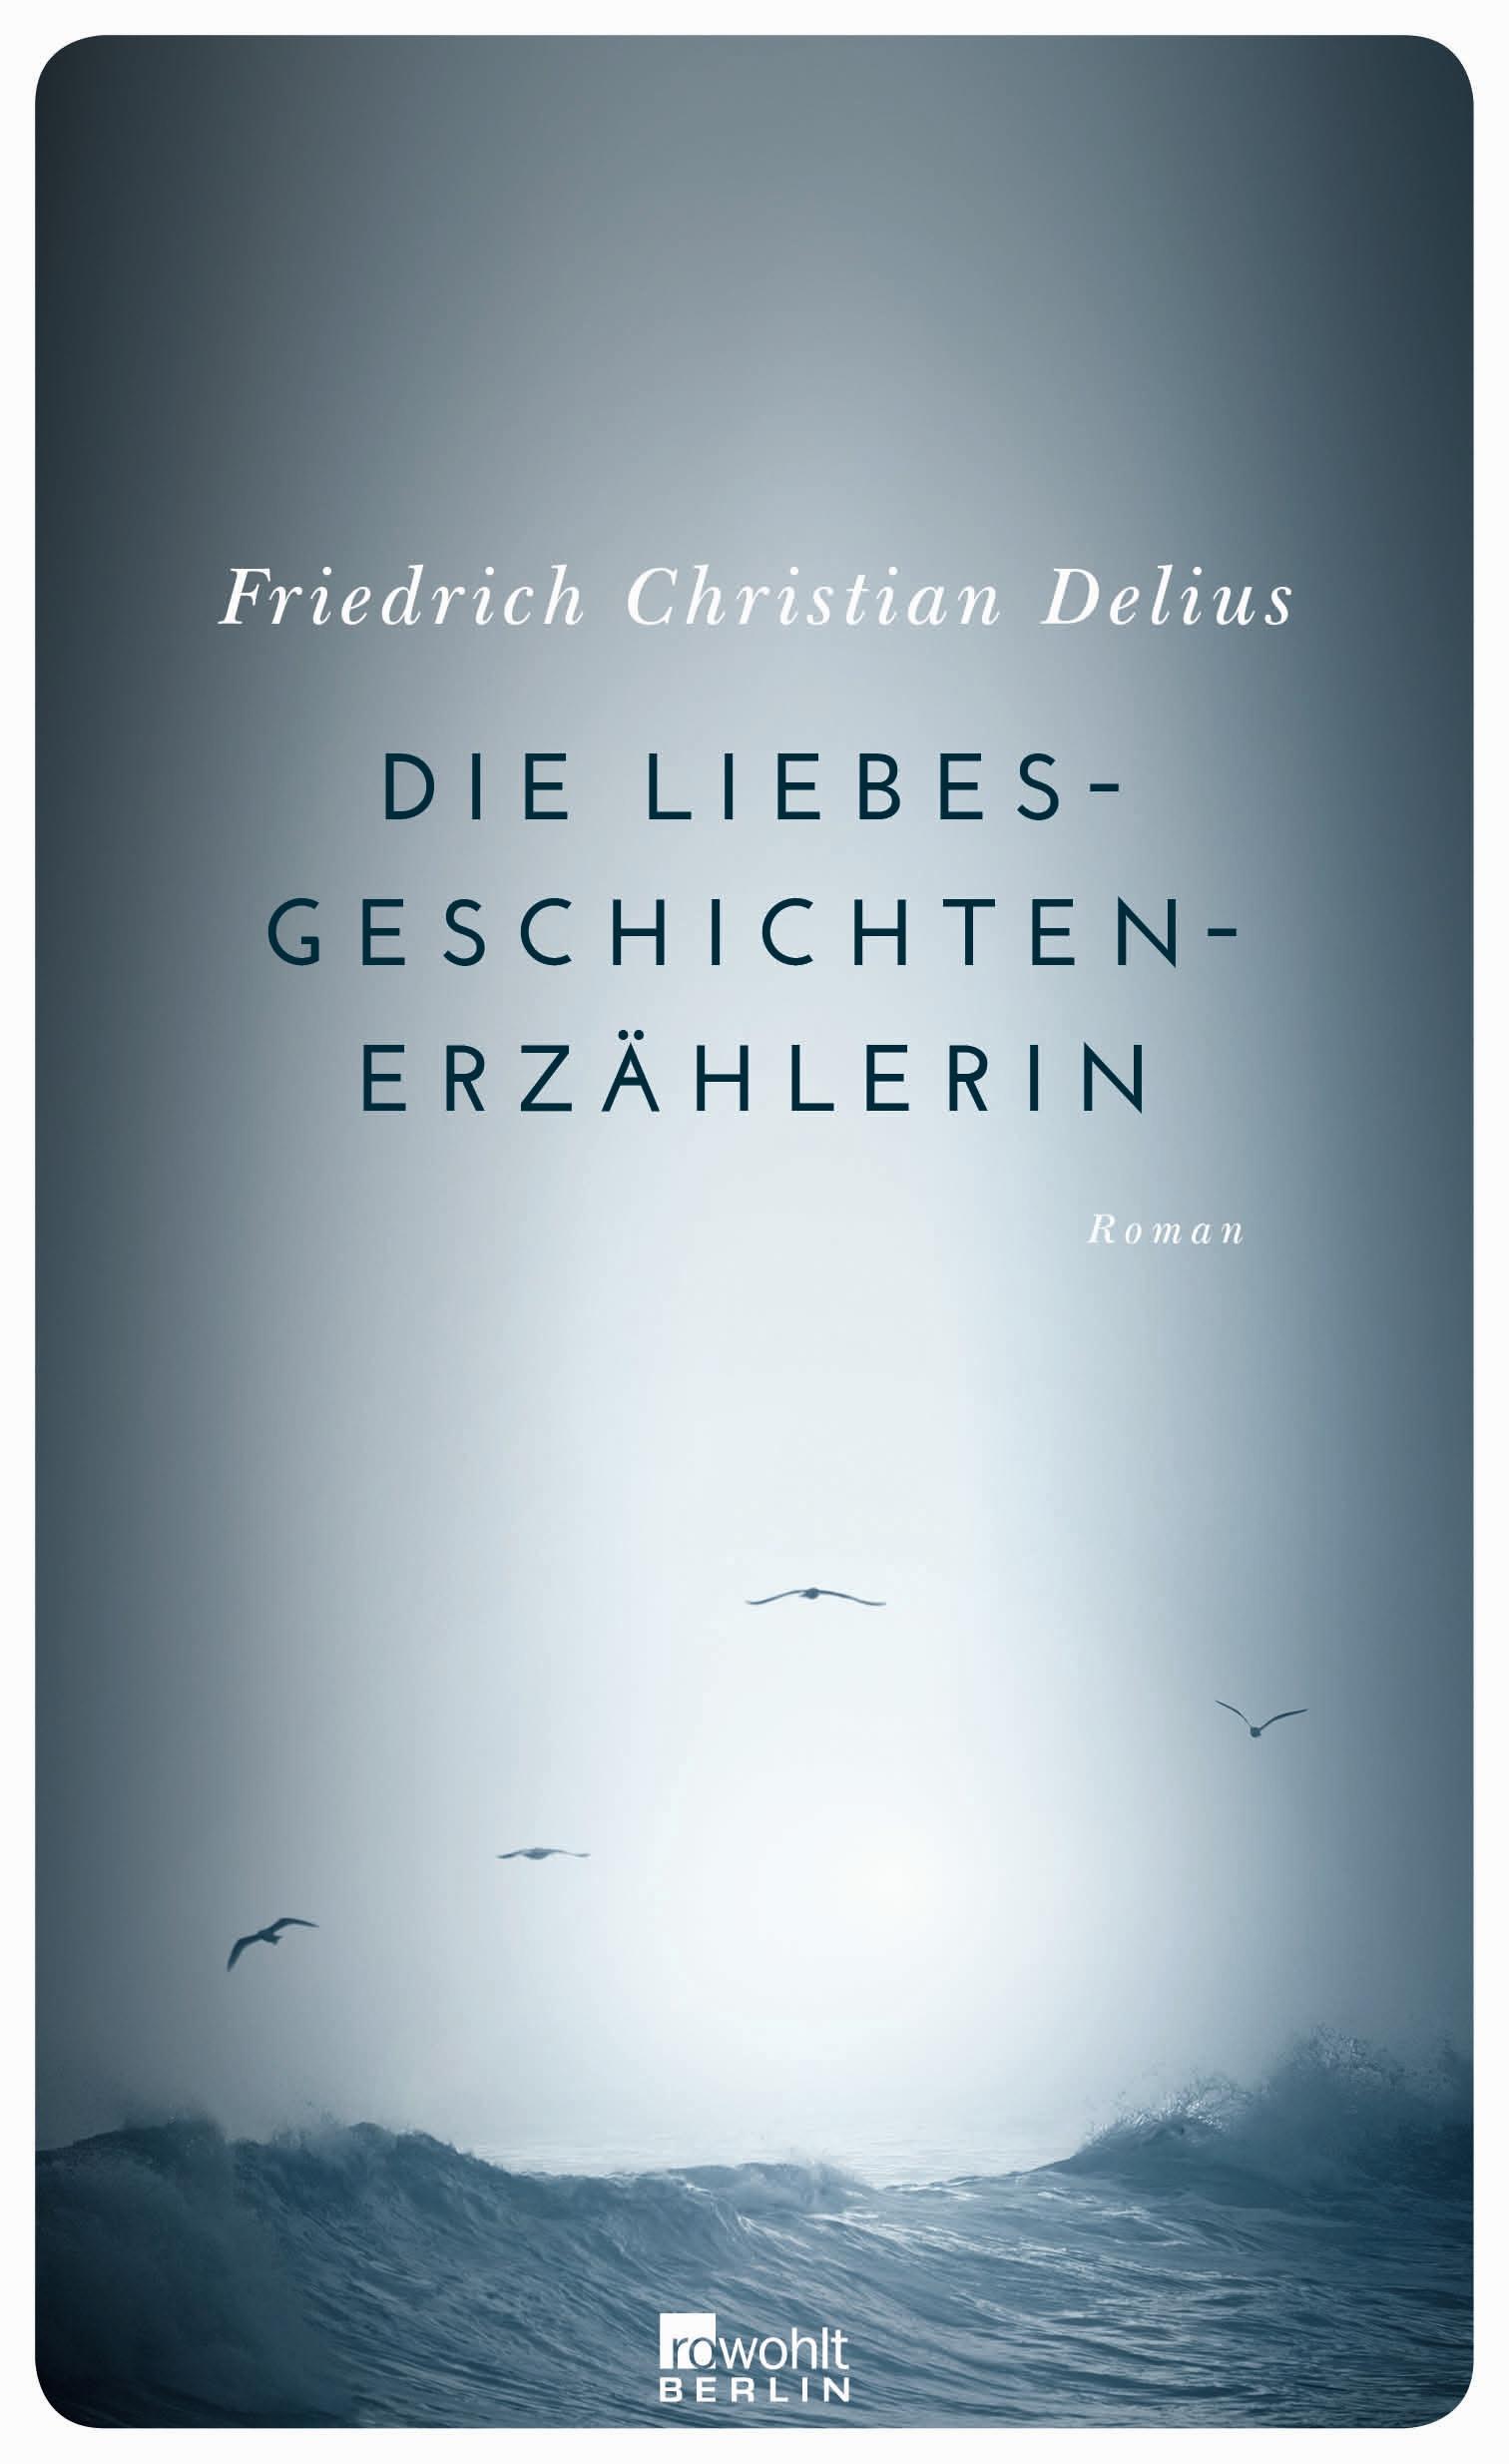 Friedrich Christian Delius: Die Liebesgeschichtenerzählerin